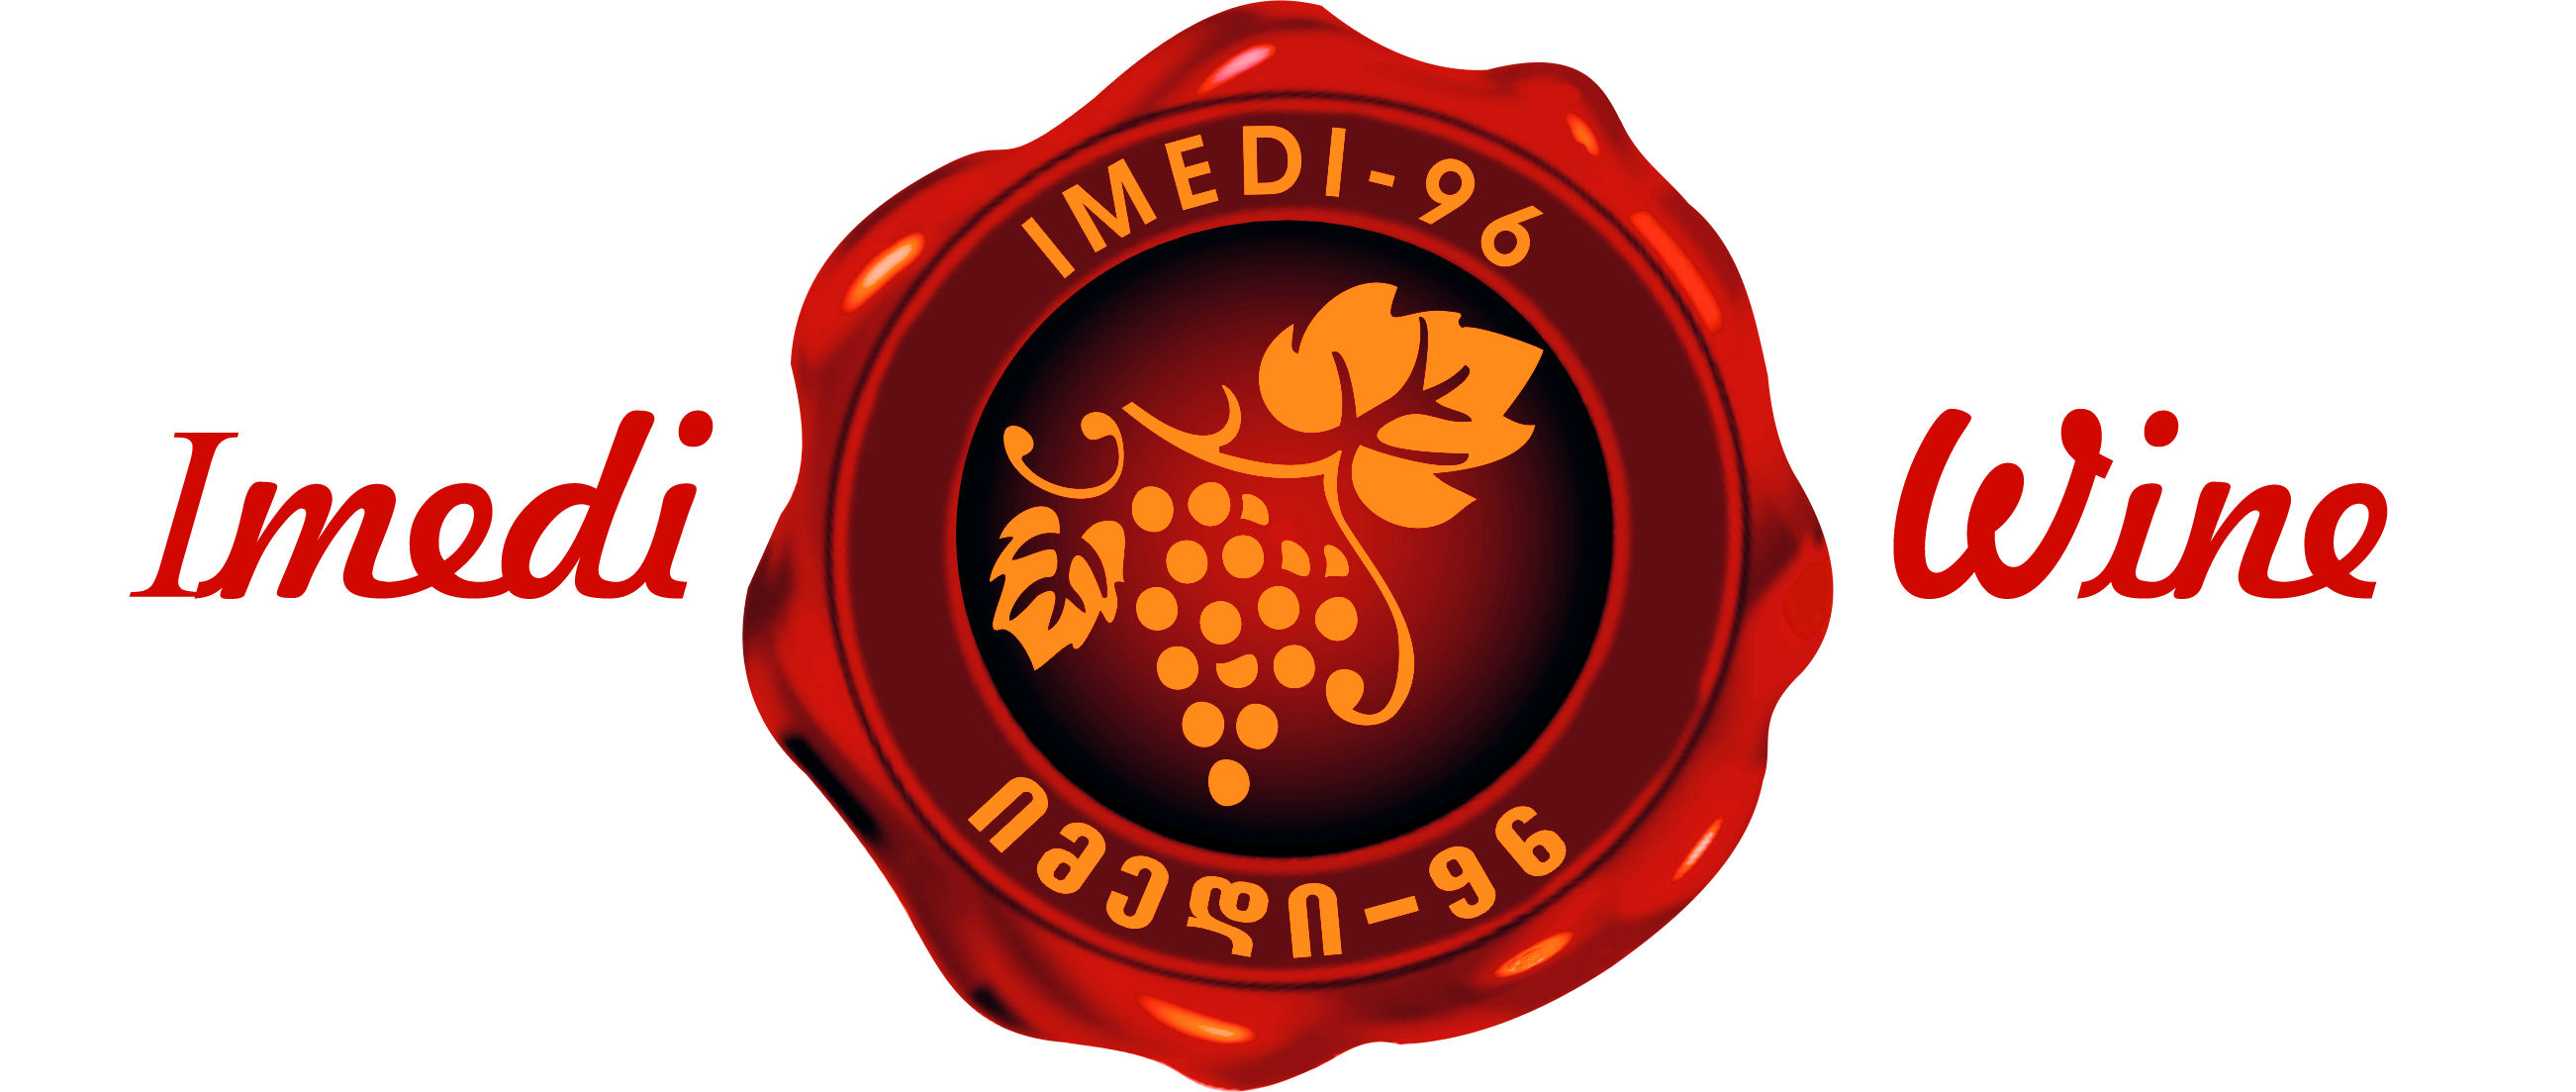 Имеди-96